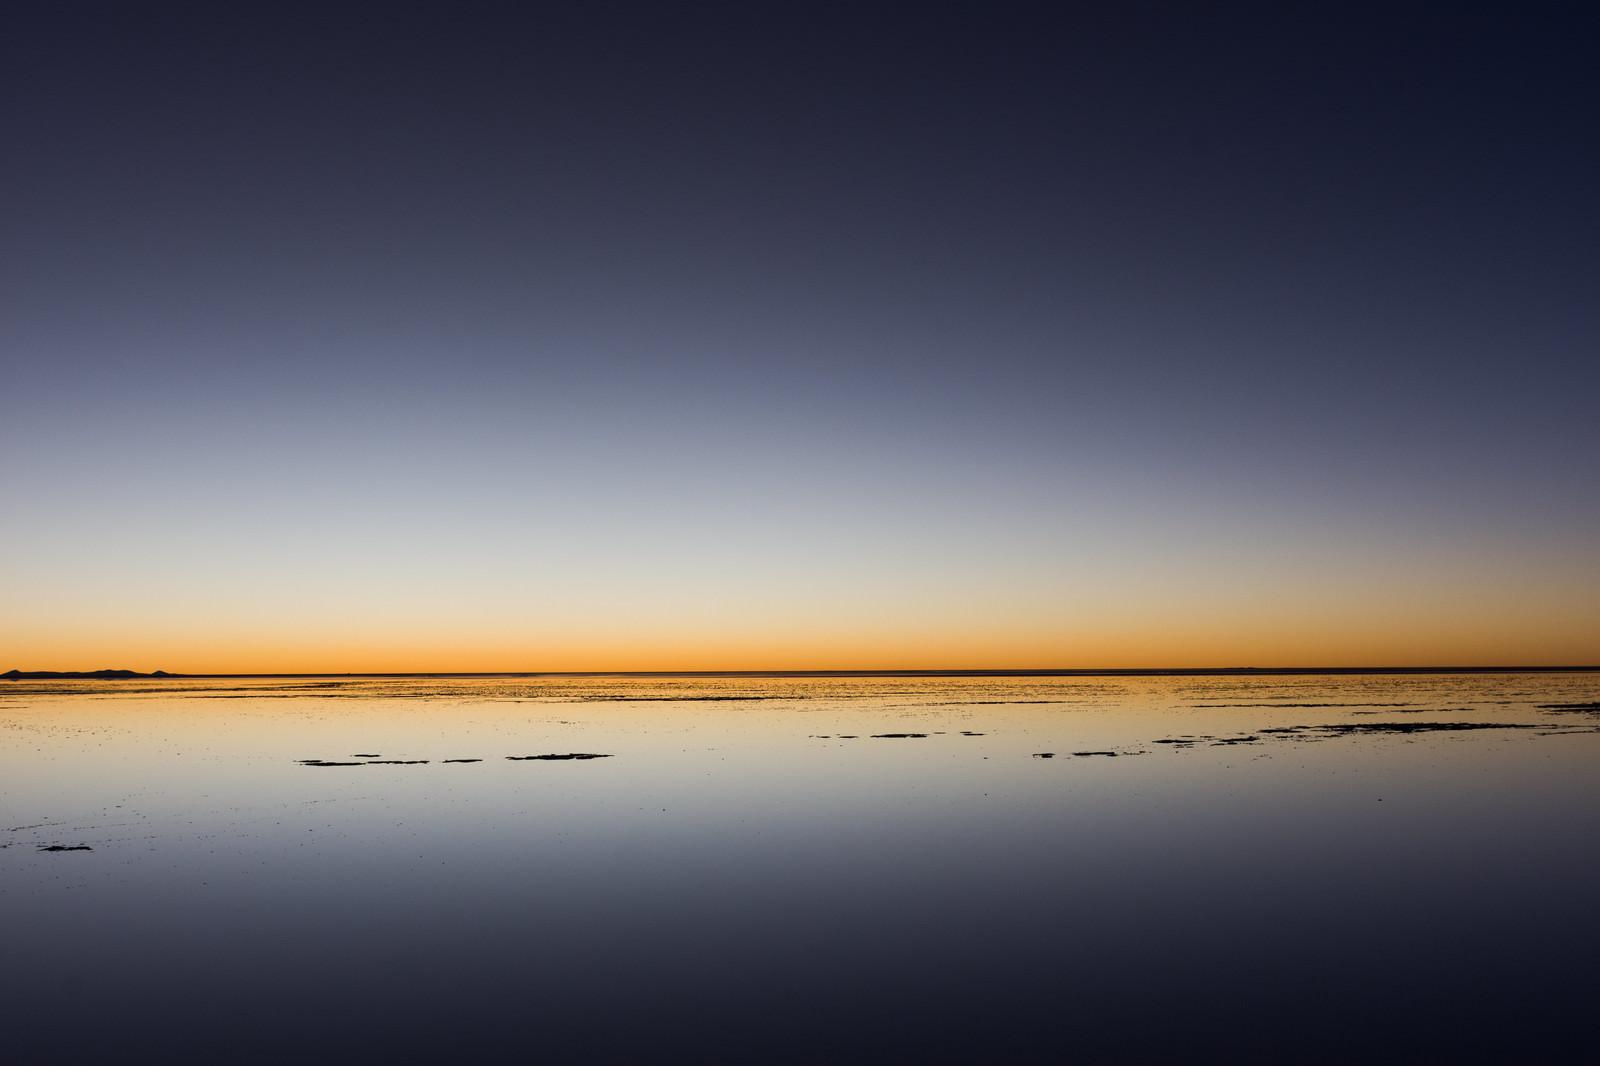 「ウユニ塩湖の日没(地平線)」の写真